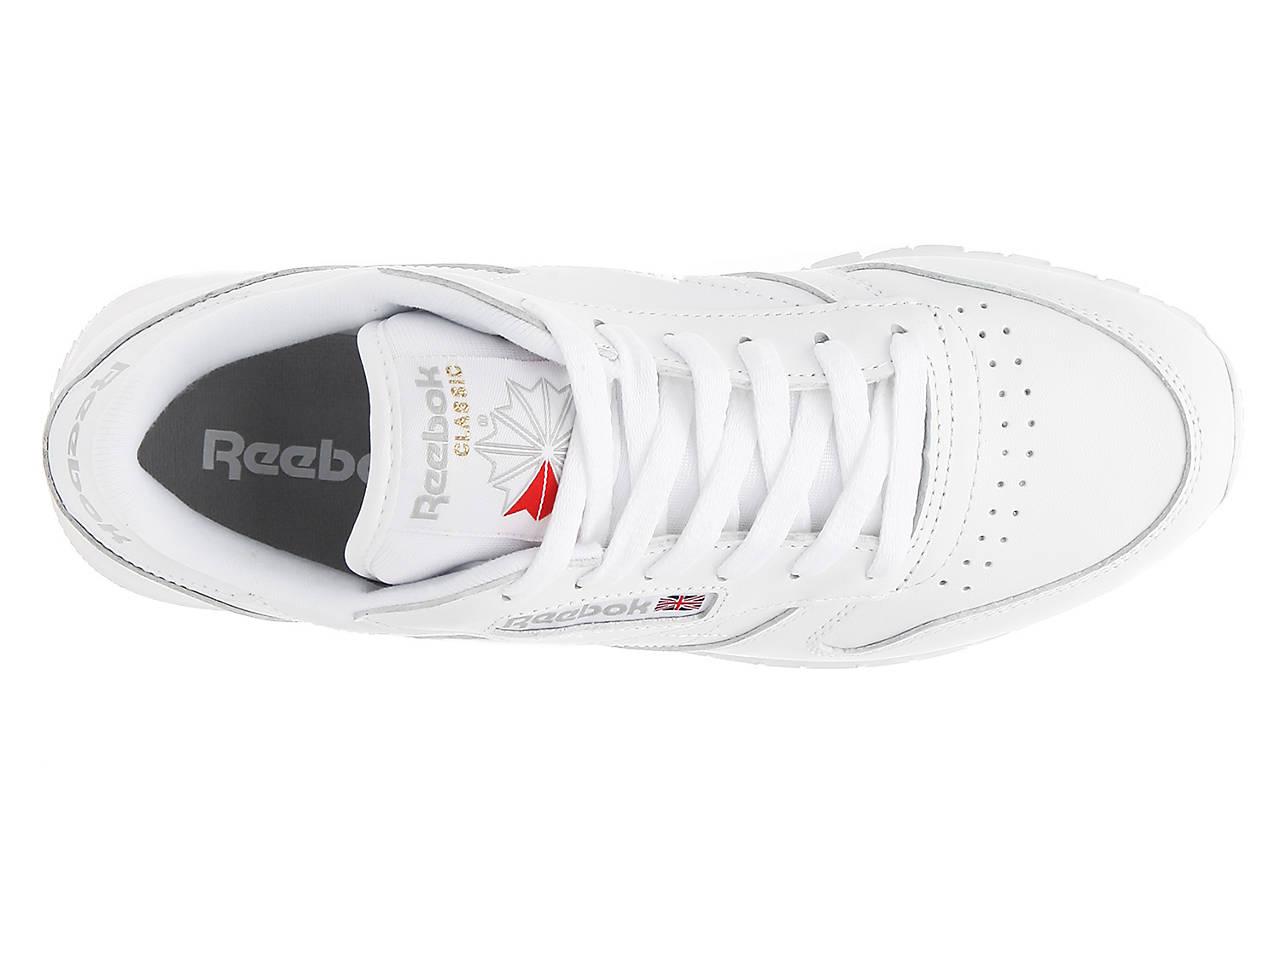 Reebok Classic Leather Sneaker Women's Women's Shoes | DSW